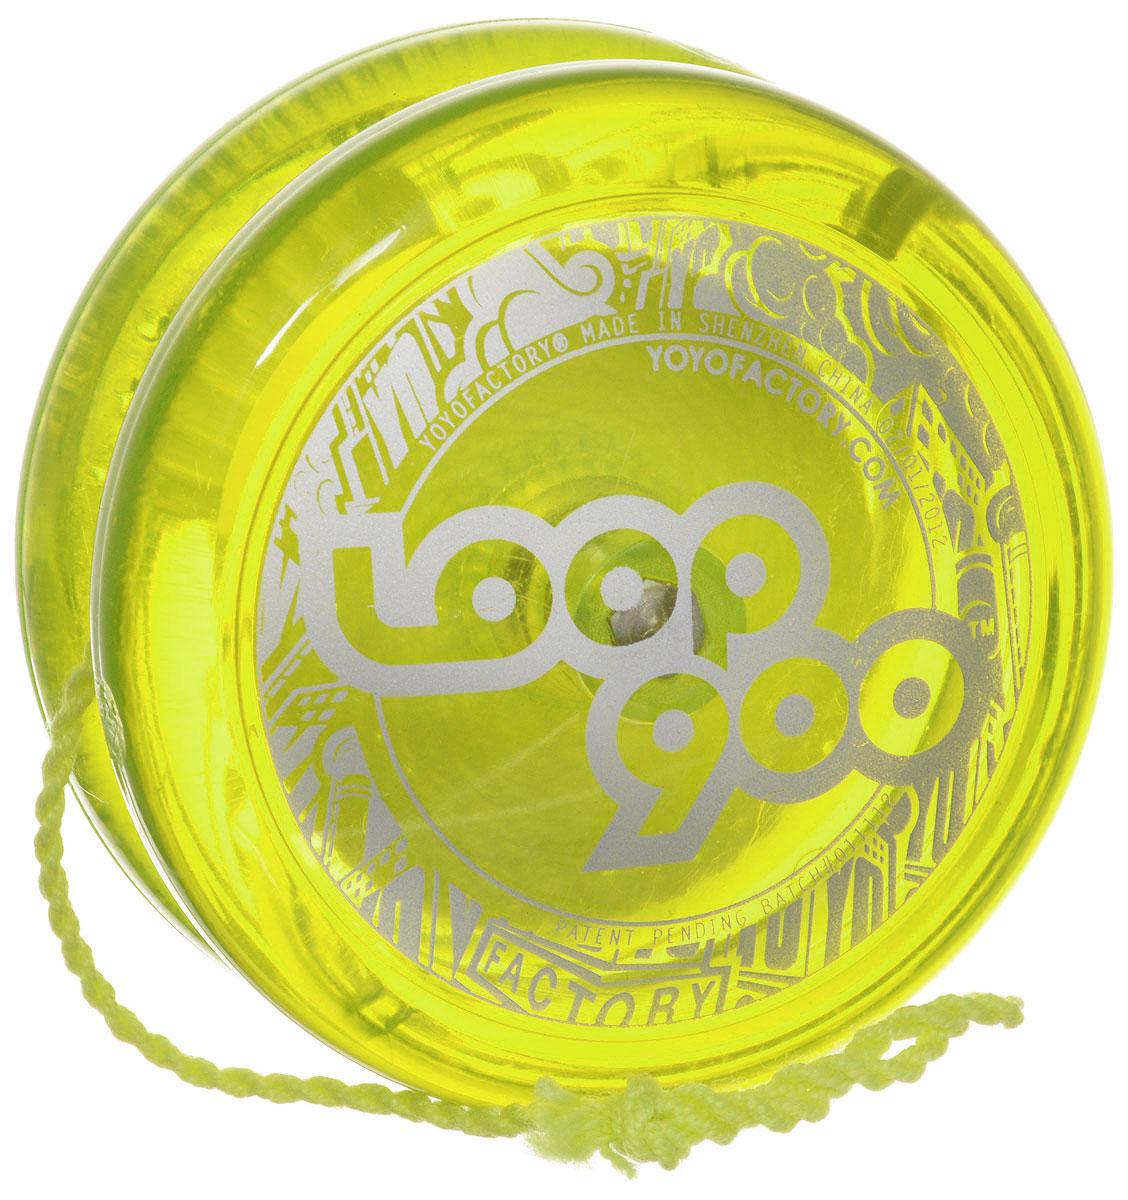 YoYoFactory Йо-йо Loop 900 цвет салатовый сэйте мацумото йо сано сезон дождей и розовая ванна